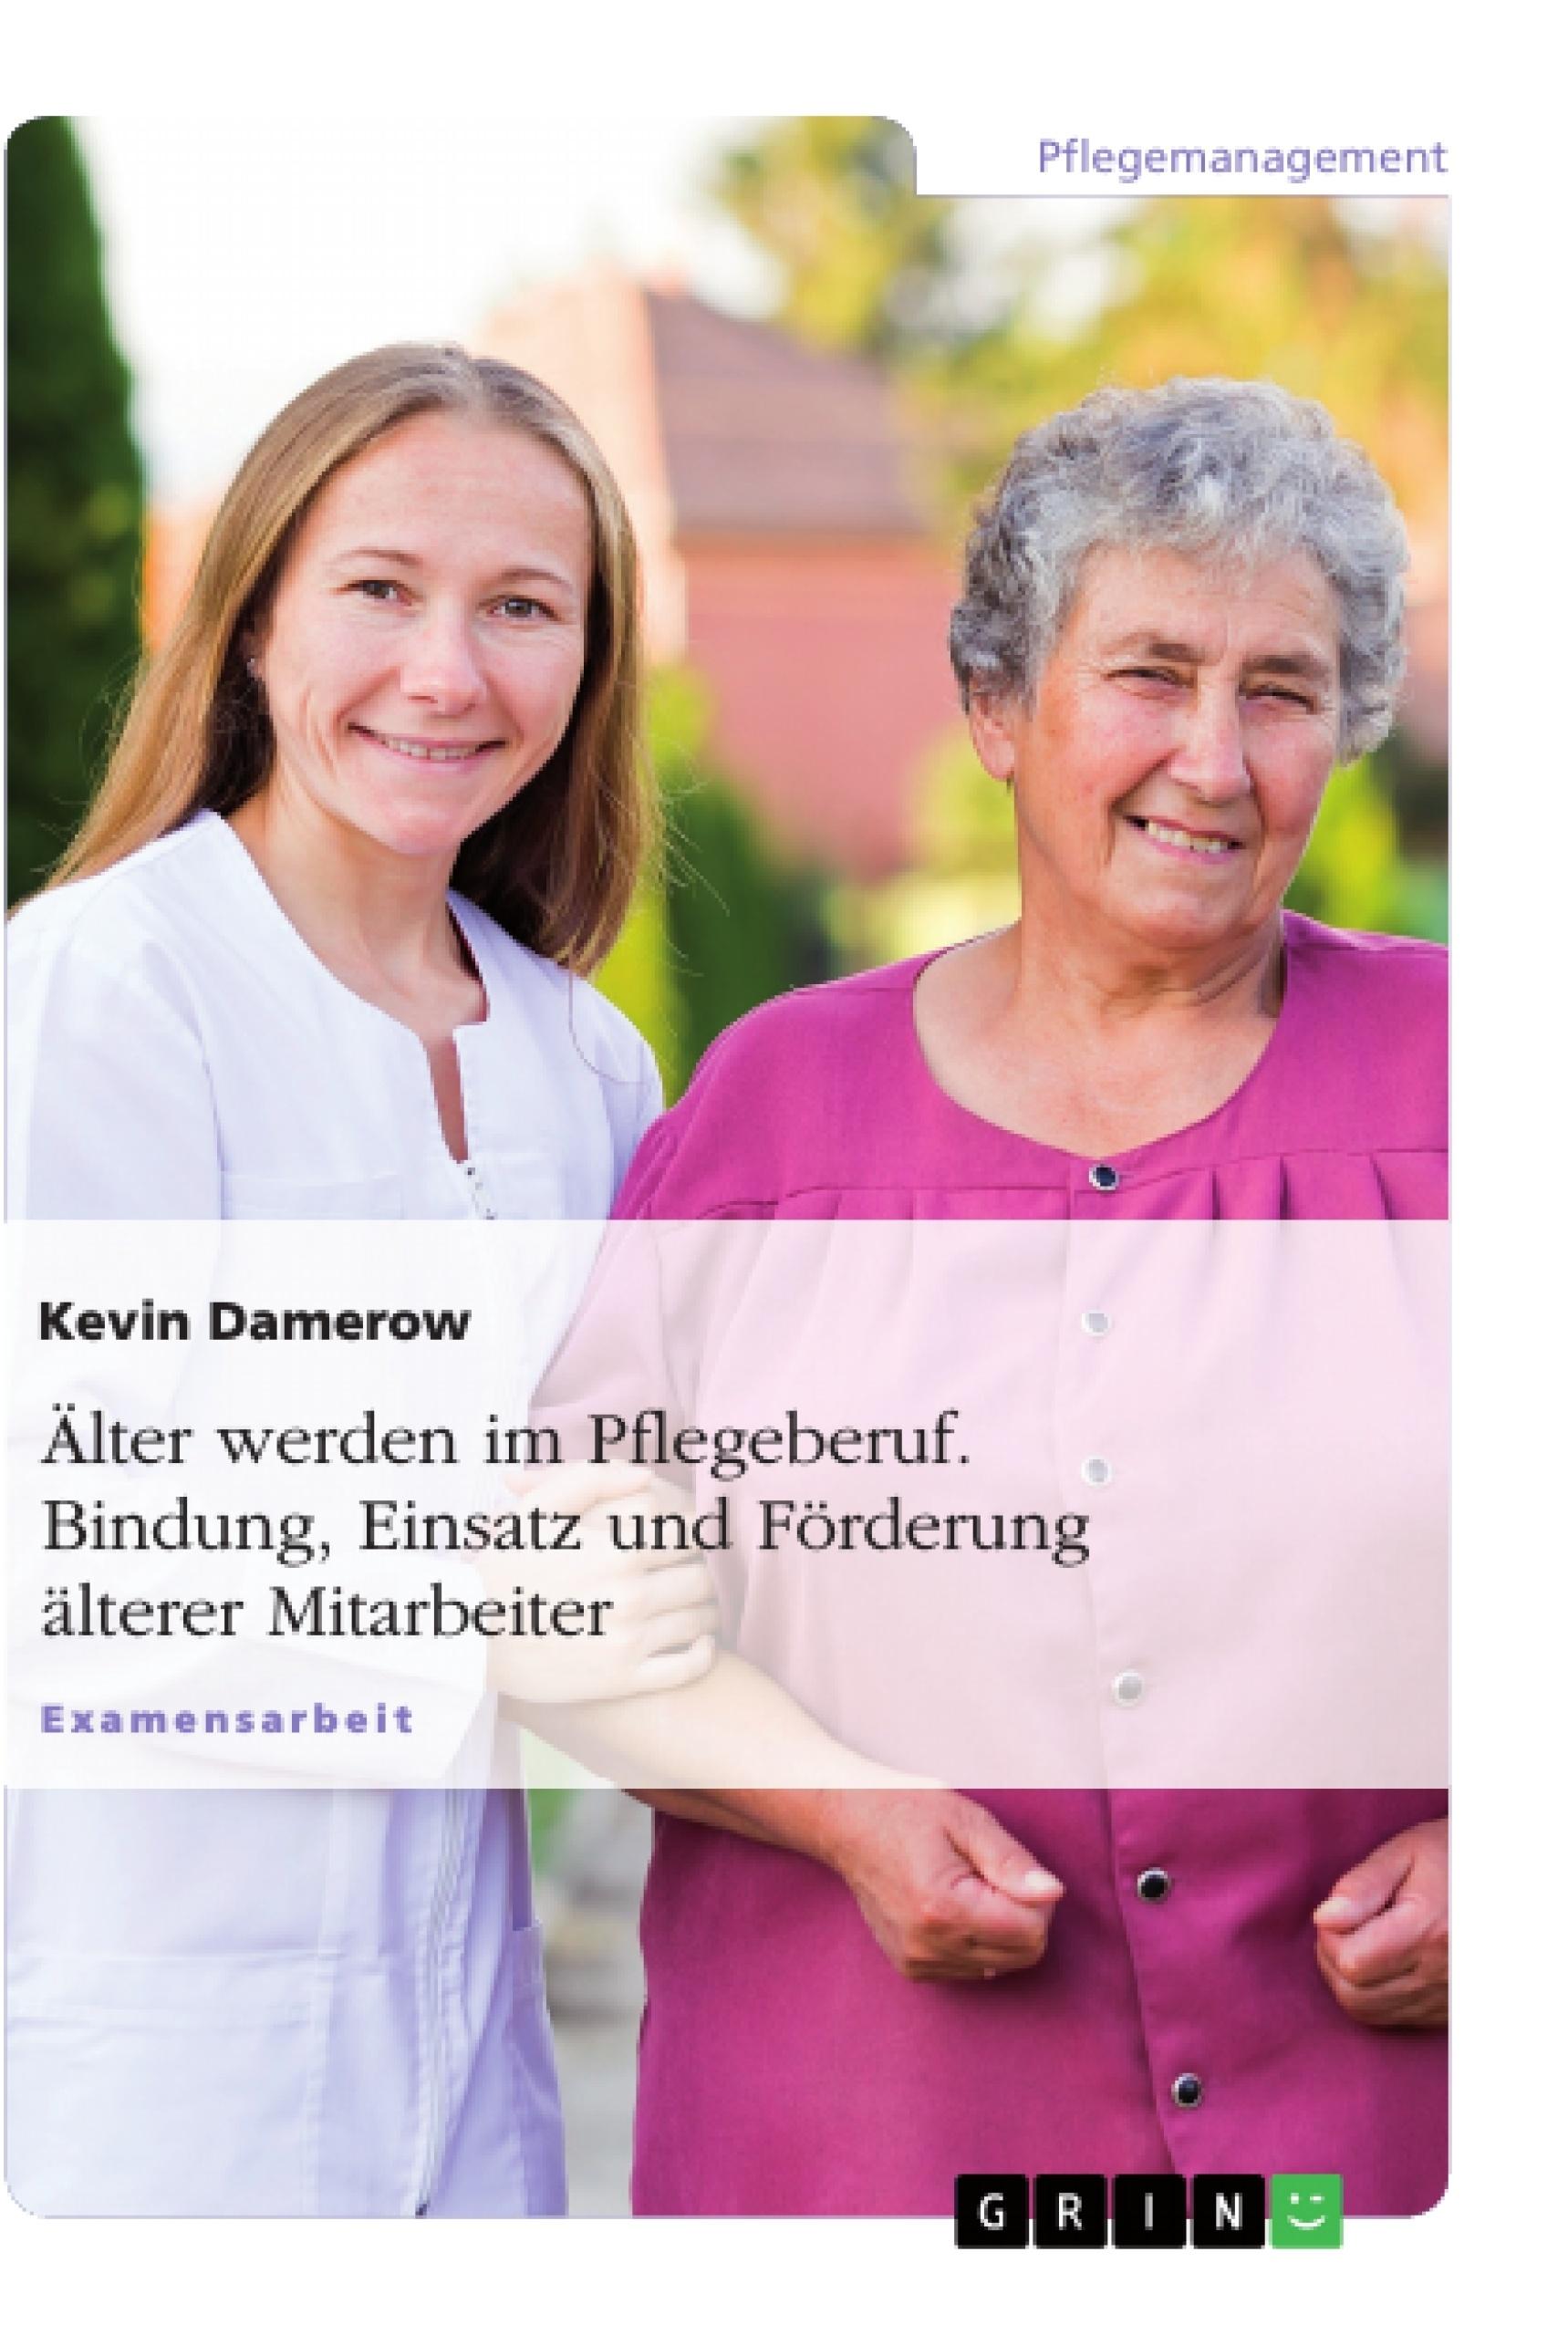 Titel: Älter werden im Pflegeberuf. Bindung, Einsatz und Förderung älterer Mitarbeiter